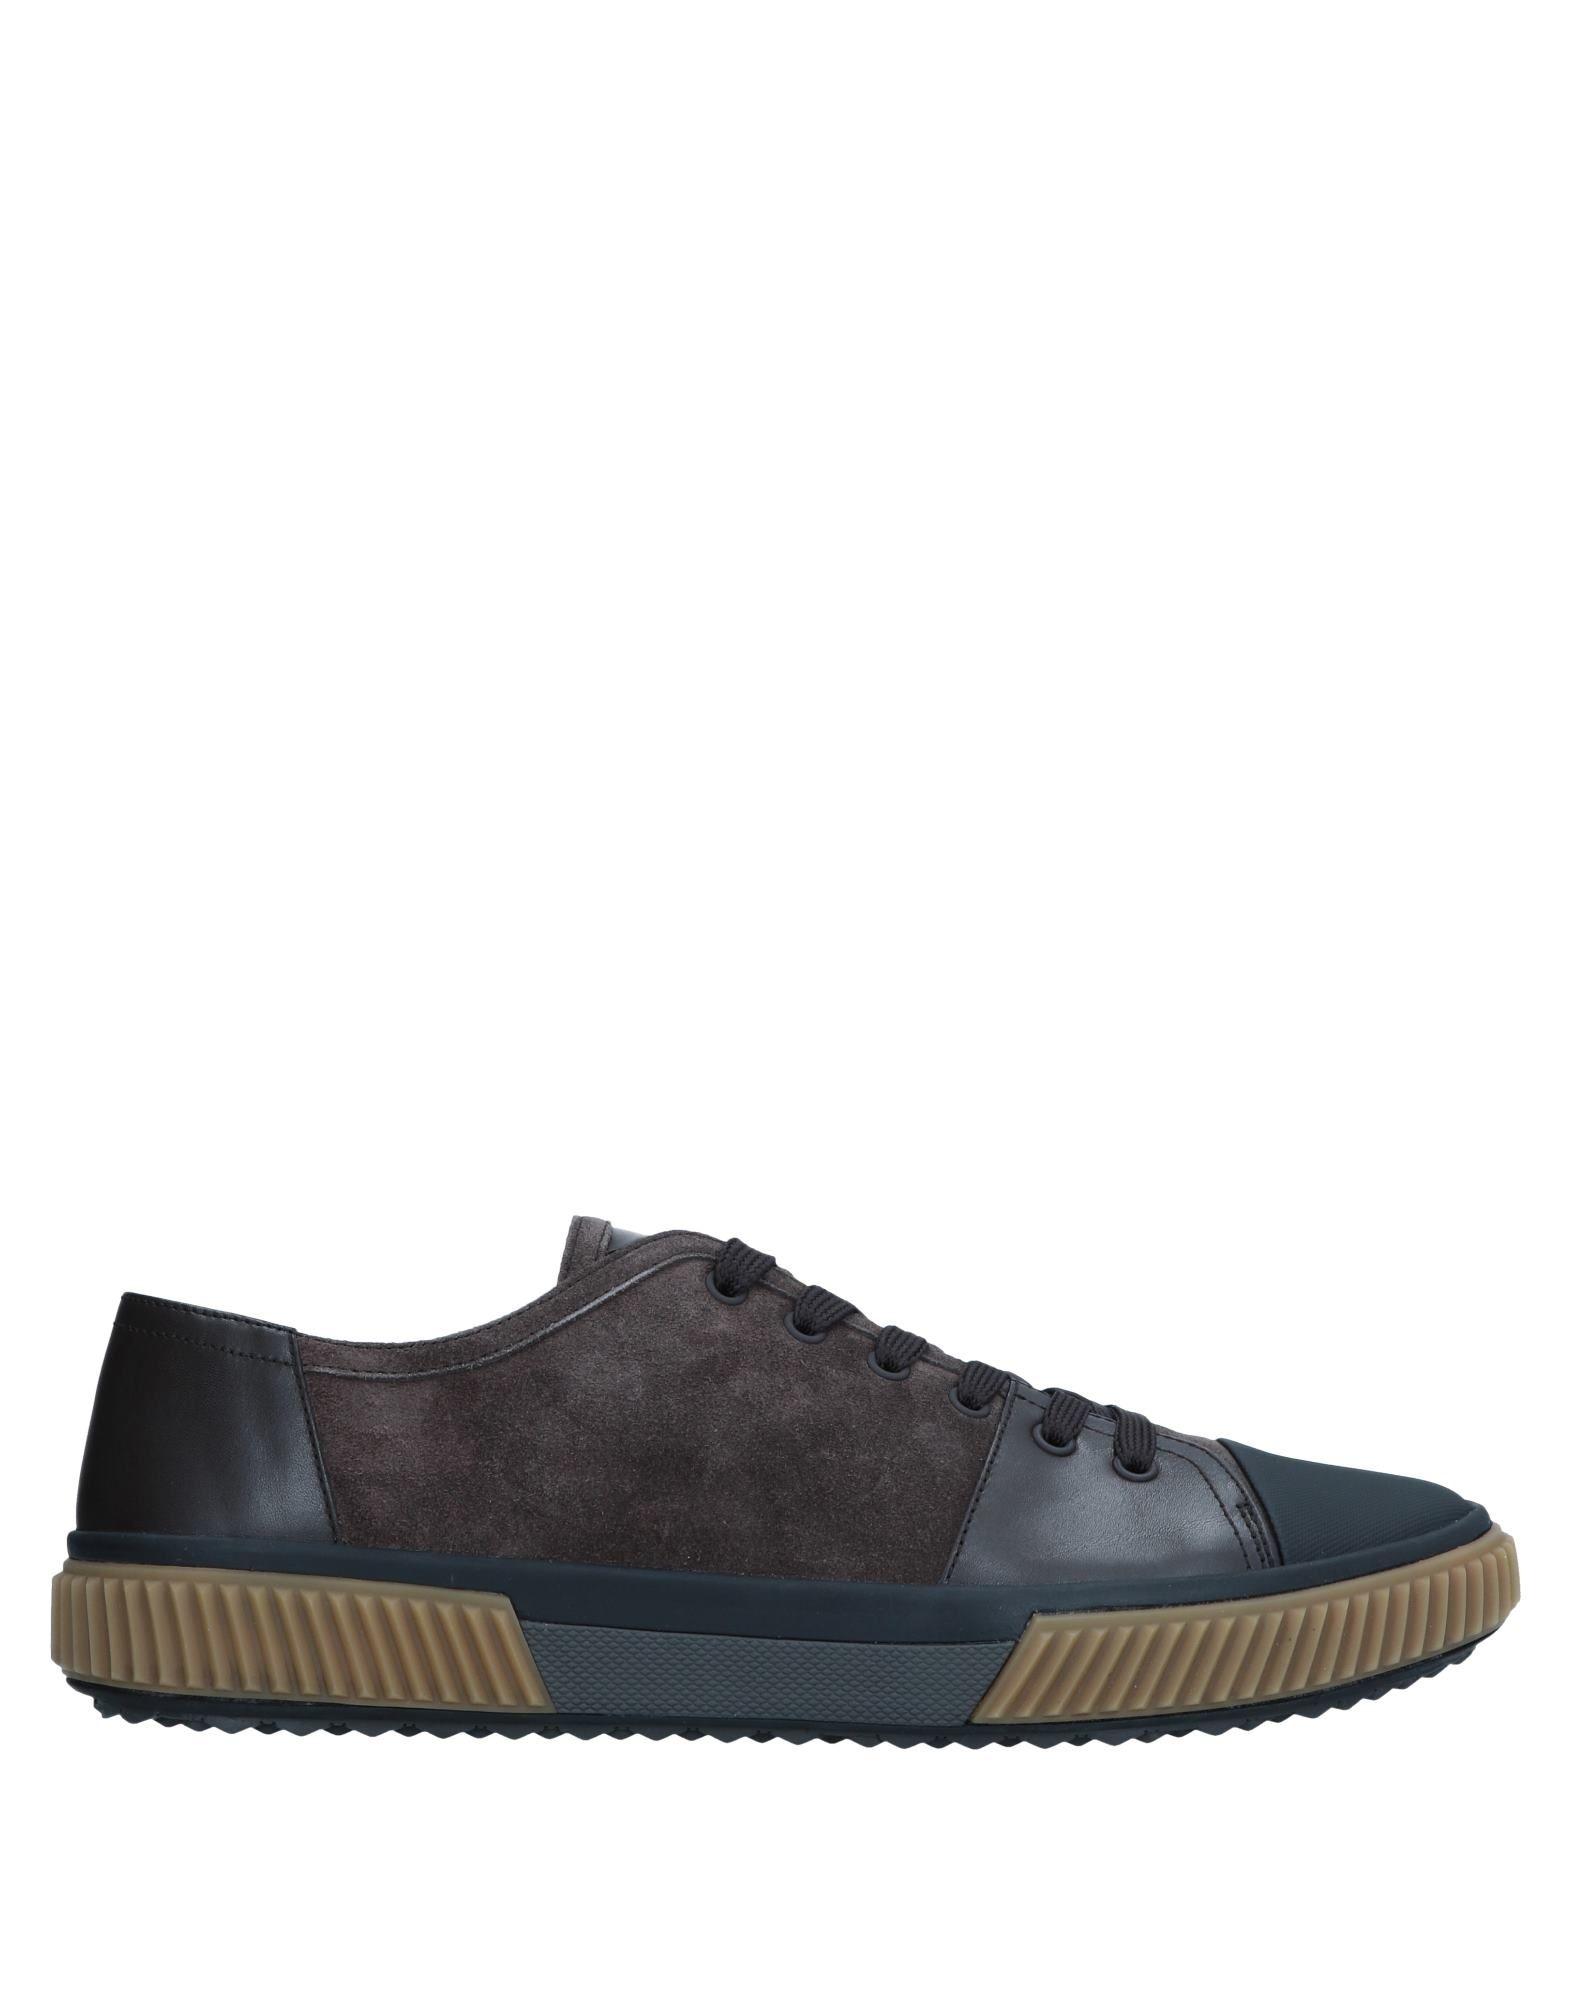 Prada Sport Sneakers Herren  11544301CT Gute Qualität beliebte Schuhe